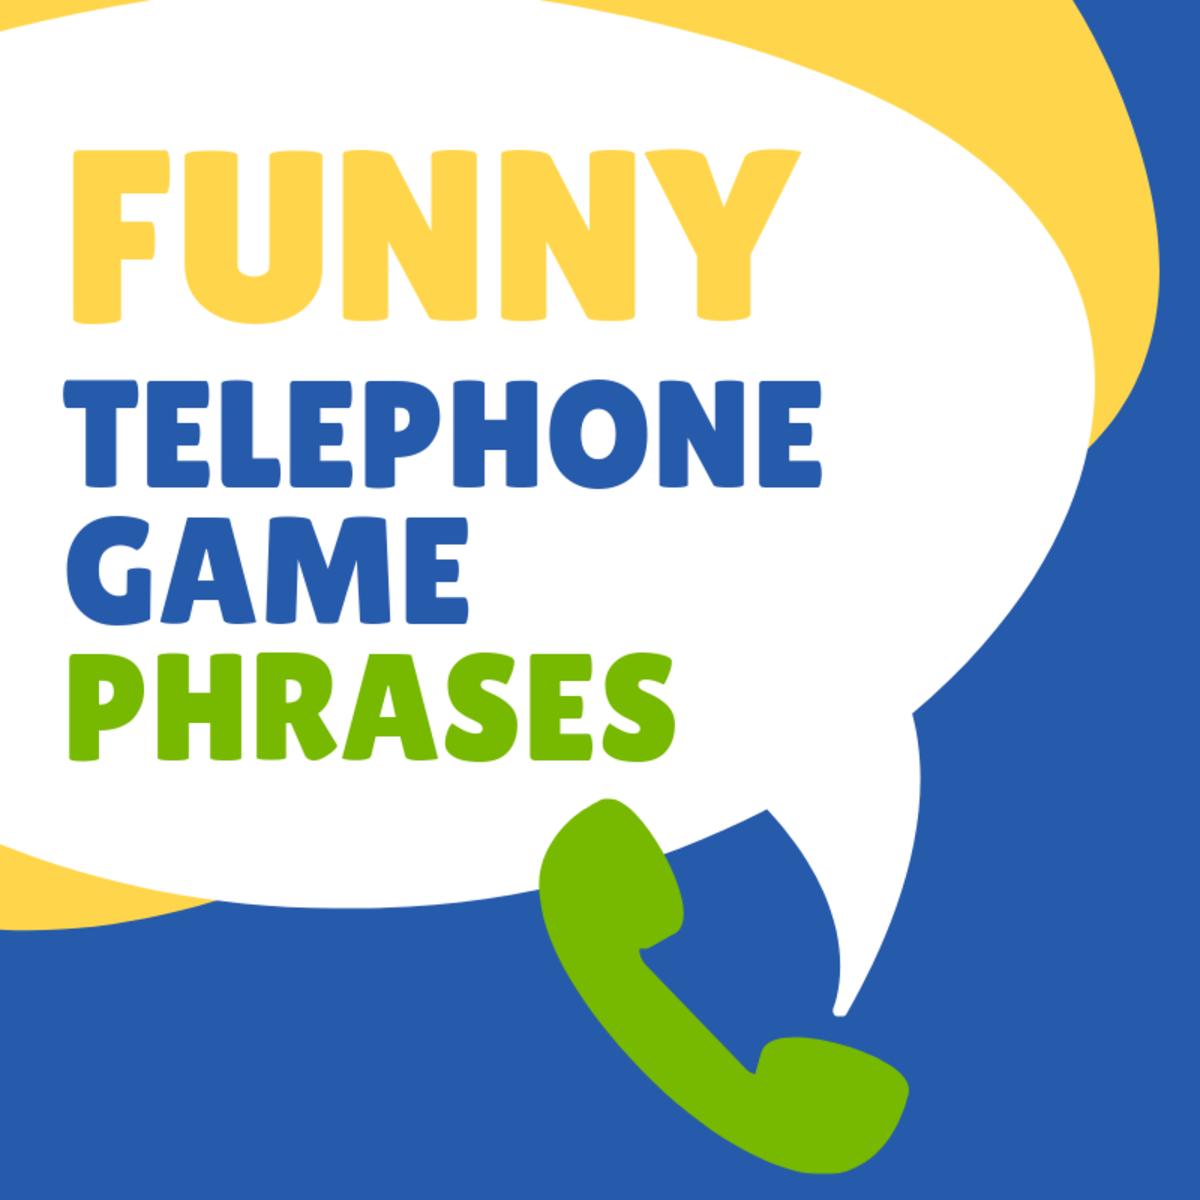 45 Funny Telephone Game Phrases Hobbylark